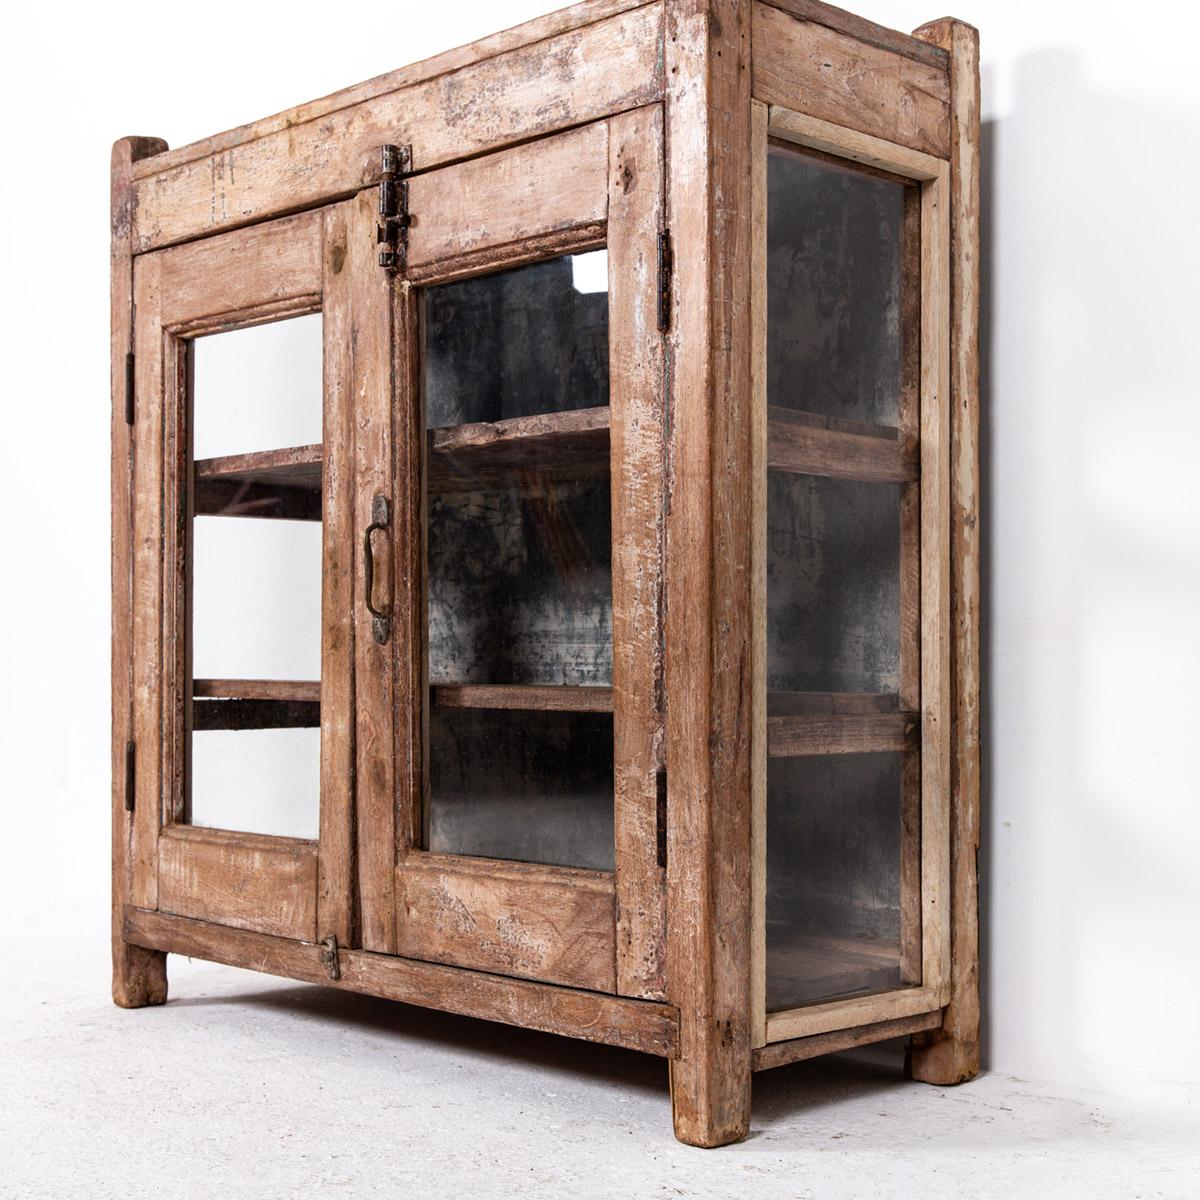 Lage-oude-glazen-kast-2-deuren-bruin-10